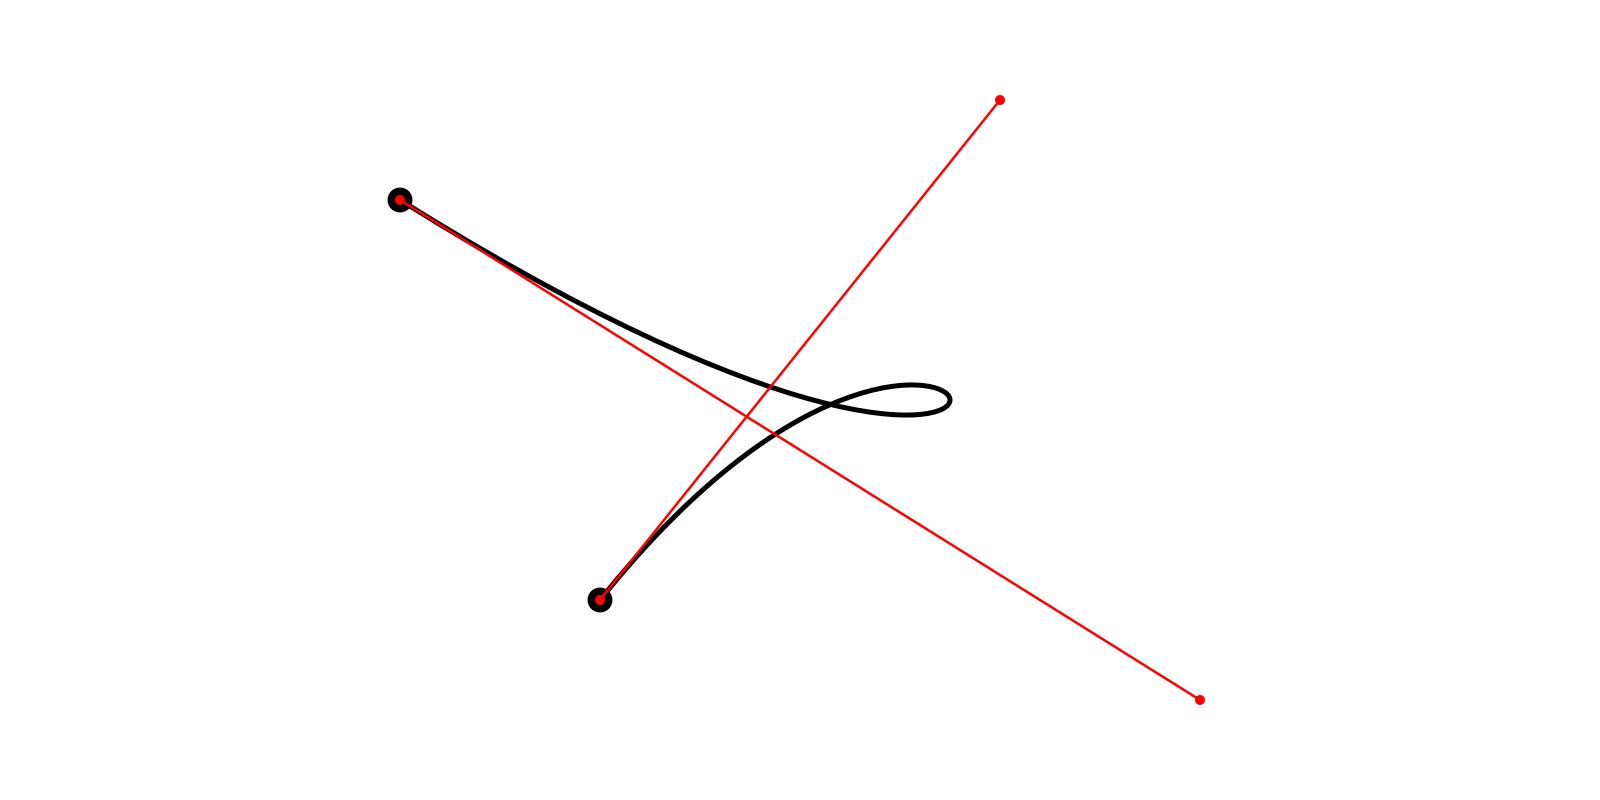 Адаптивное разбиение кривых Безье 2-го и 3-го порядка - 4